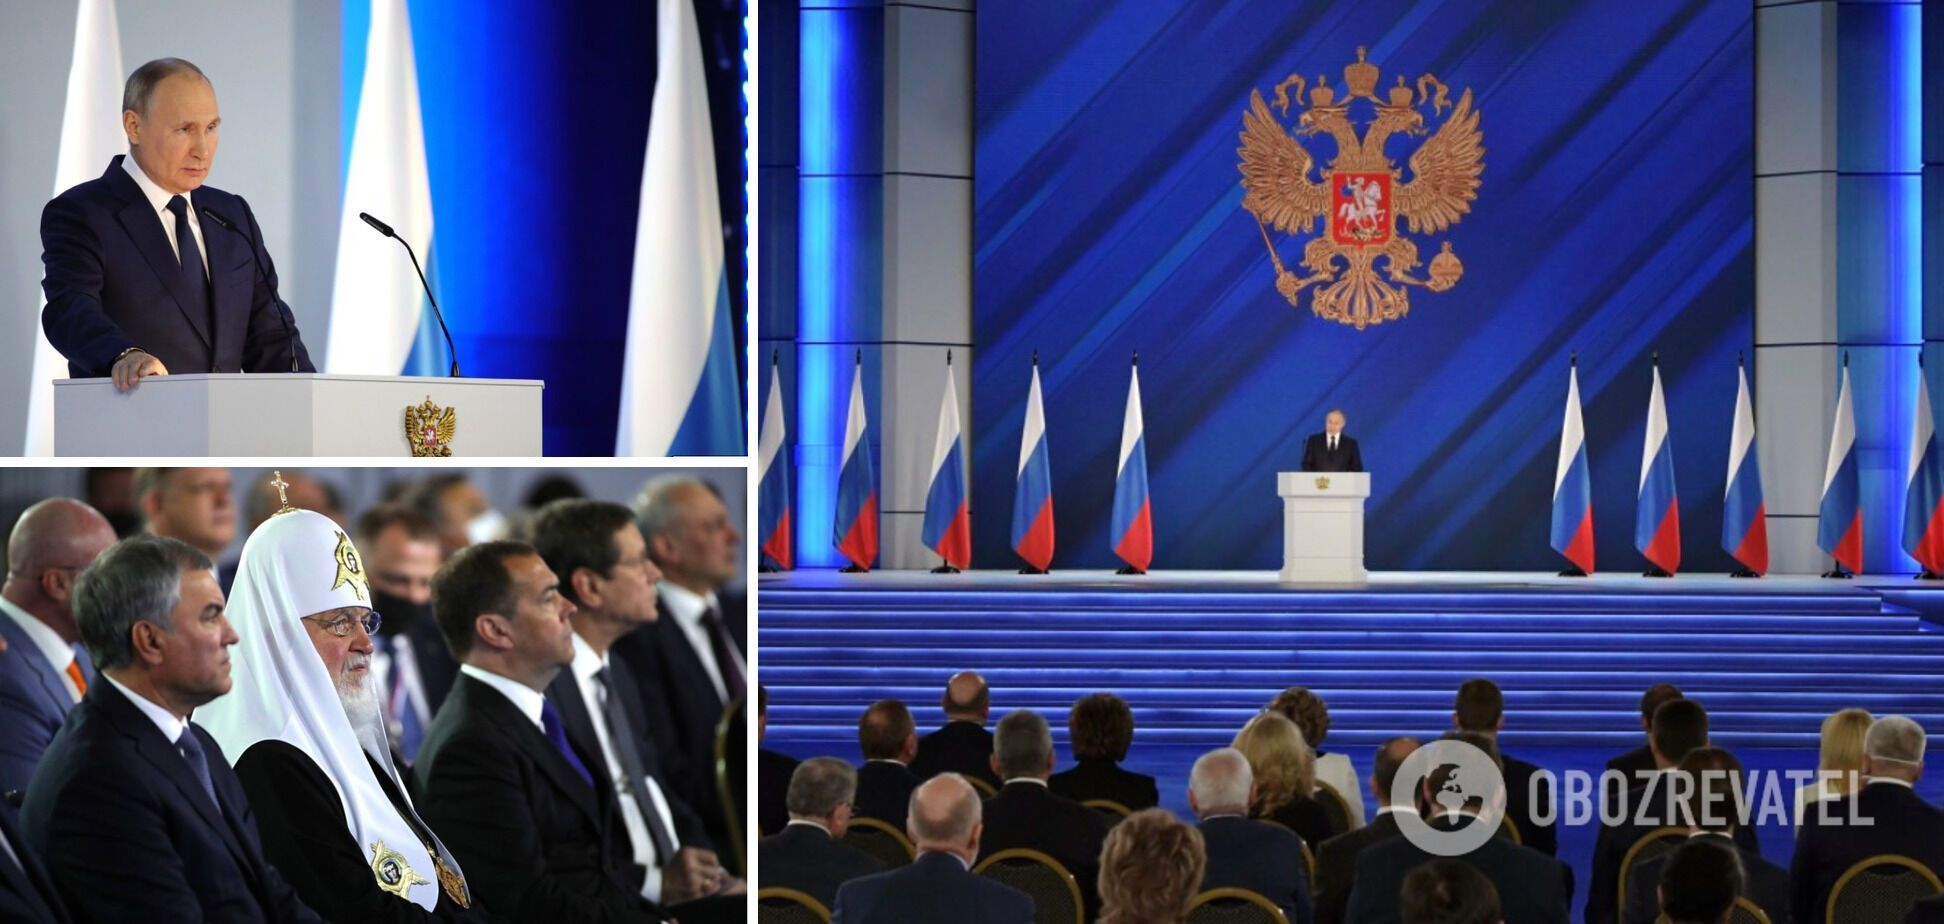 Обращение Путина: имперский маразматик думает, что что-то решает в геополитике